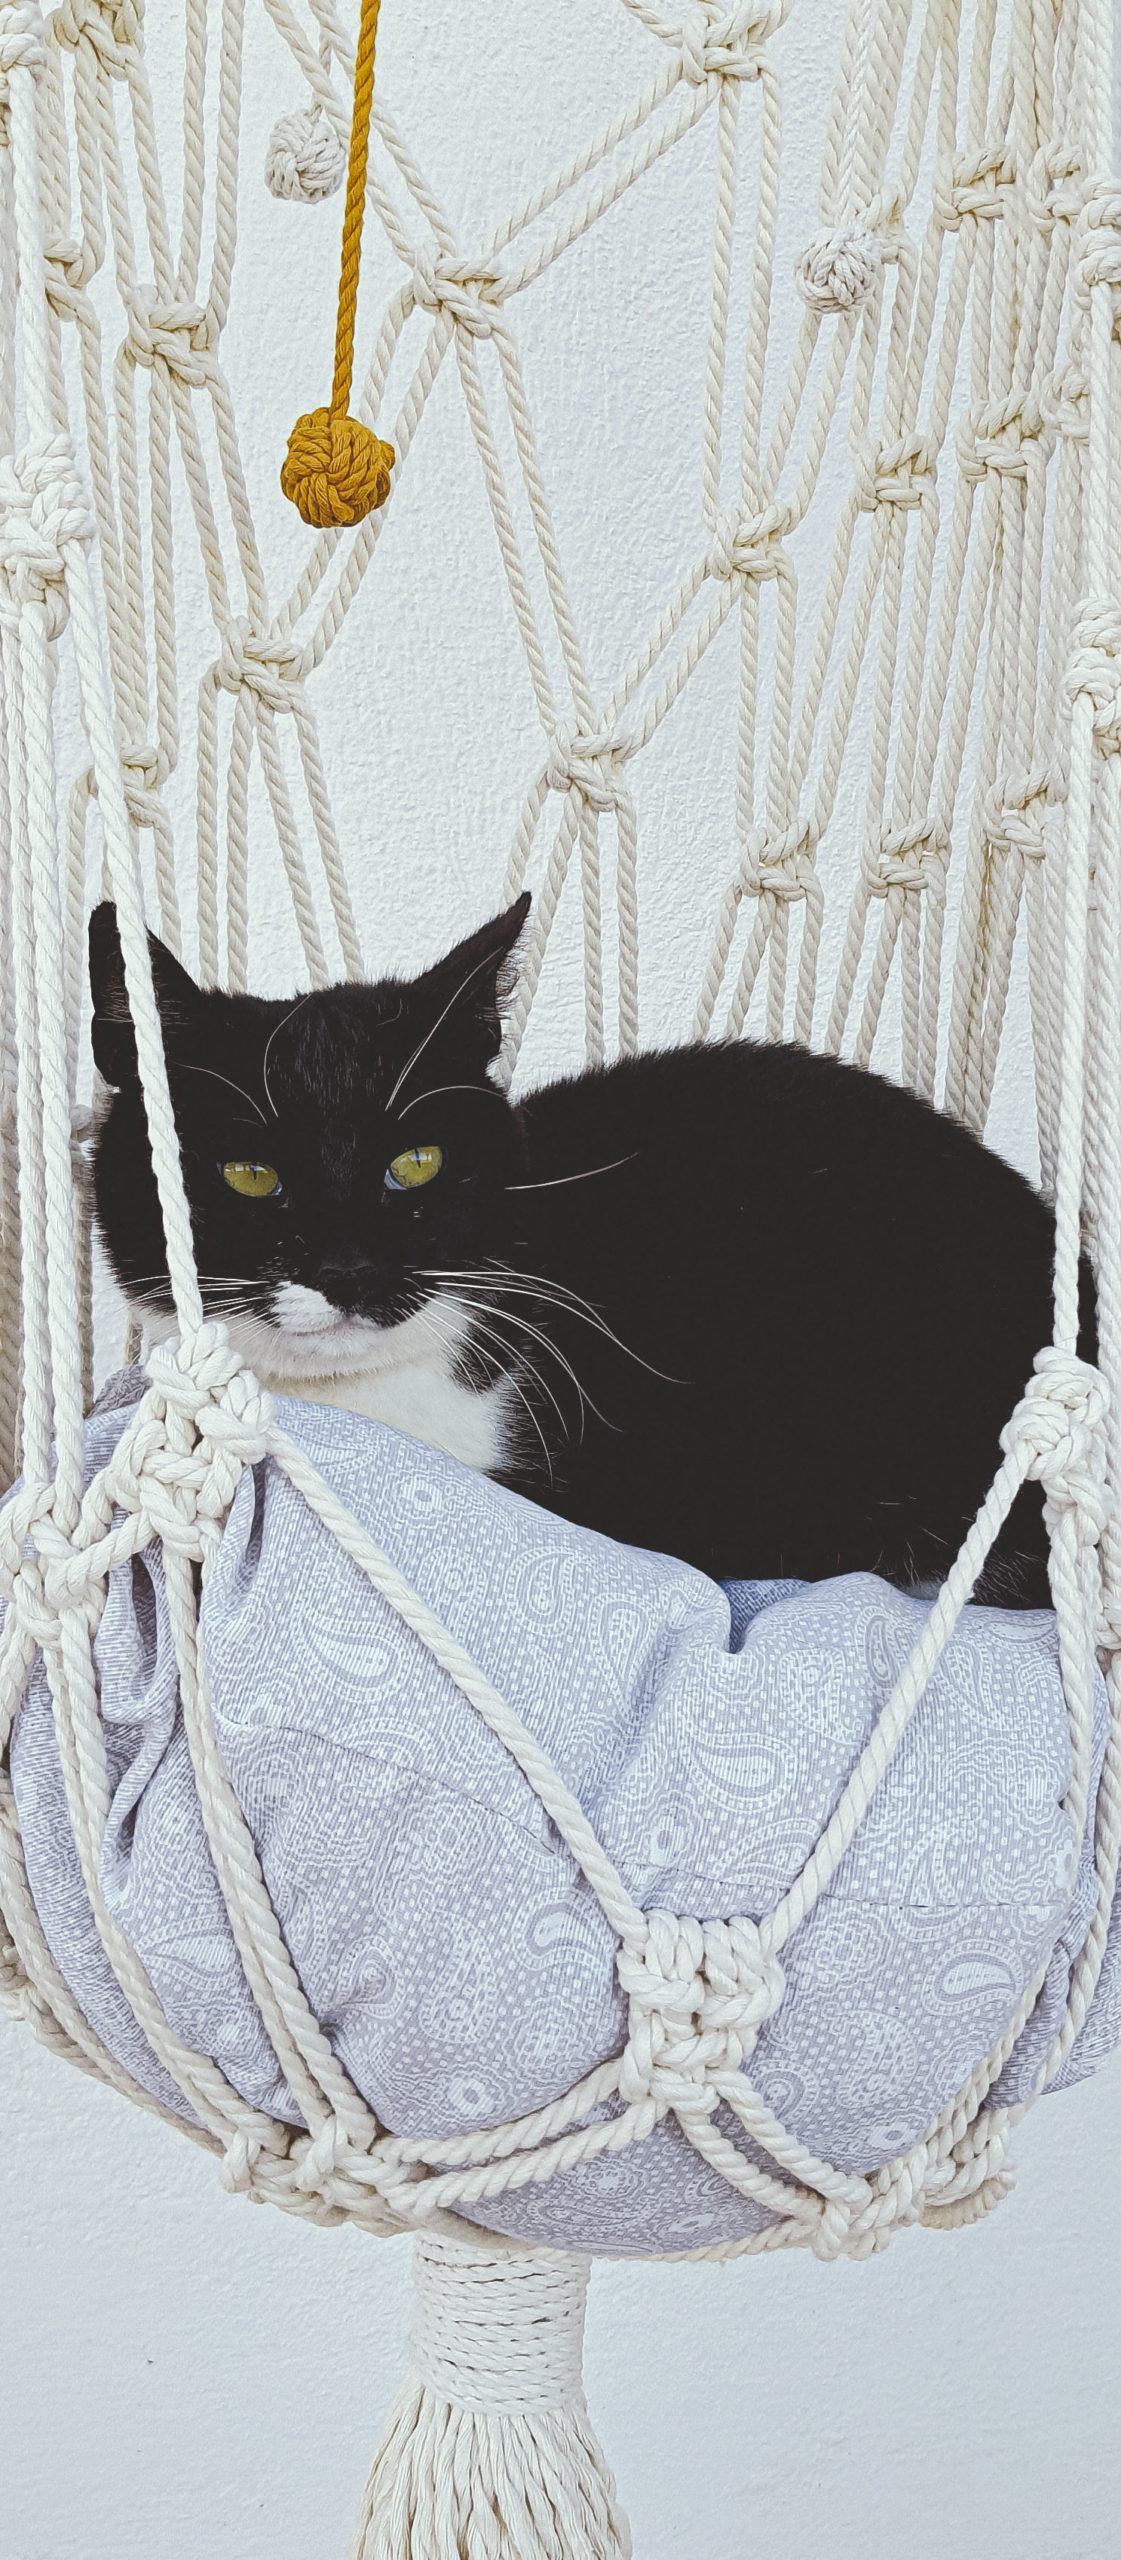 Hamaca de gato de macramé gfabicada con algodón orgánico y materiales sostenibles